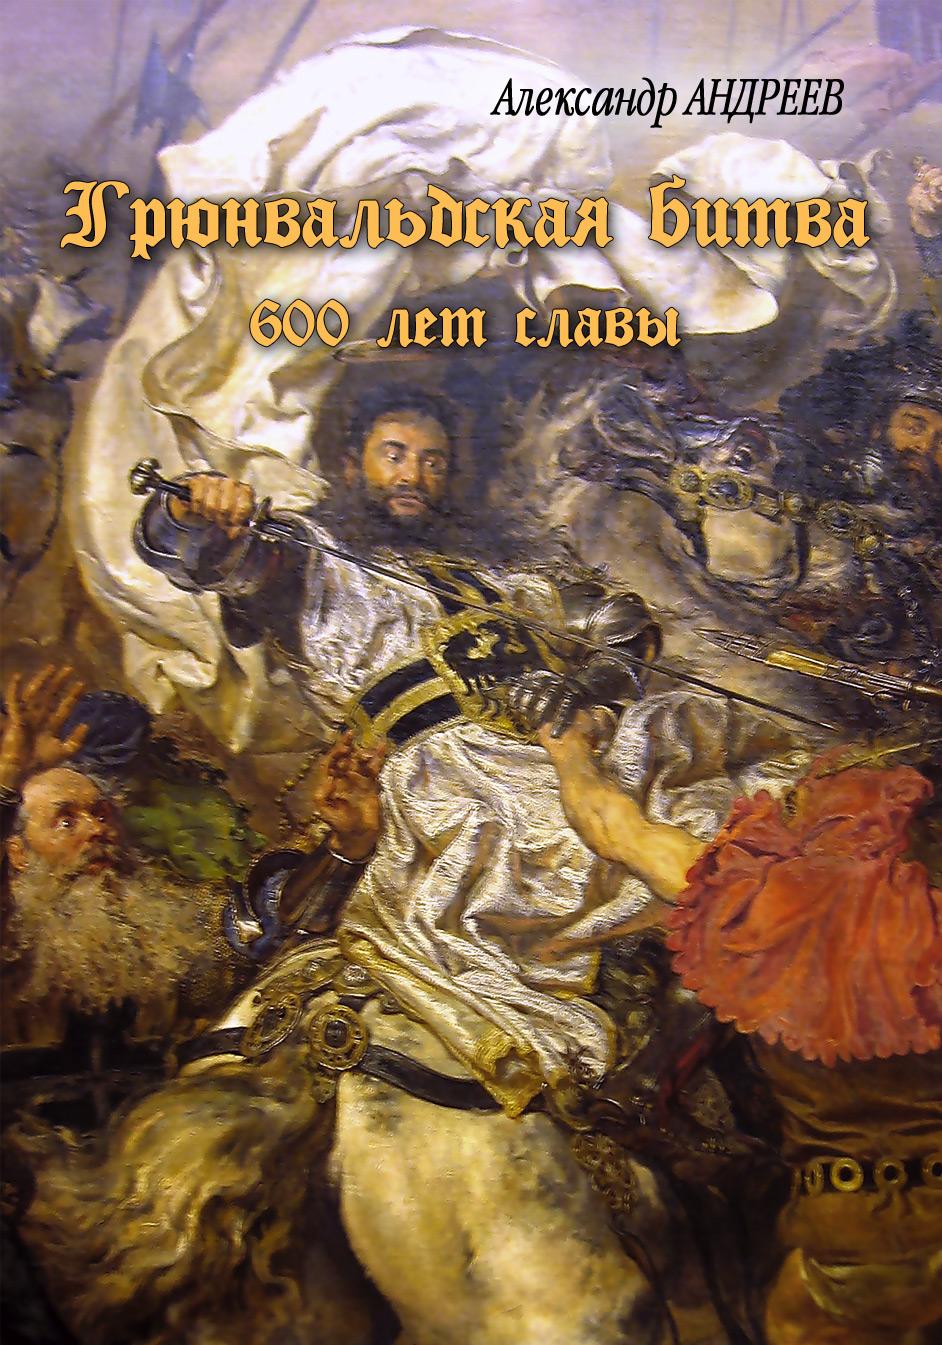 купить Александр Андреев Грюнвальдская битва. 15 июля 1410 года. 600 лет славы